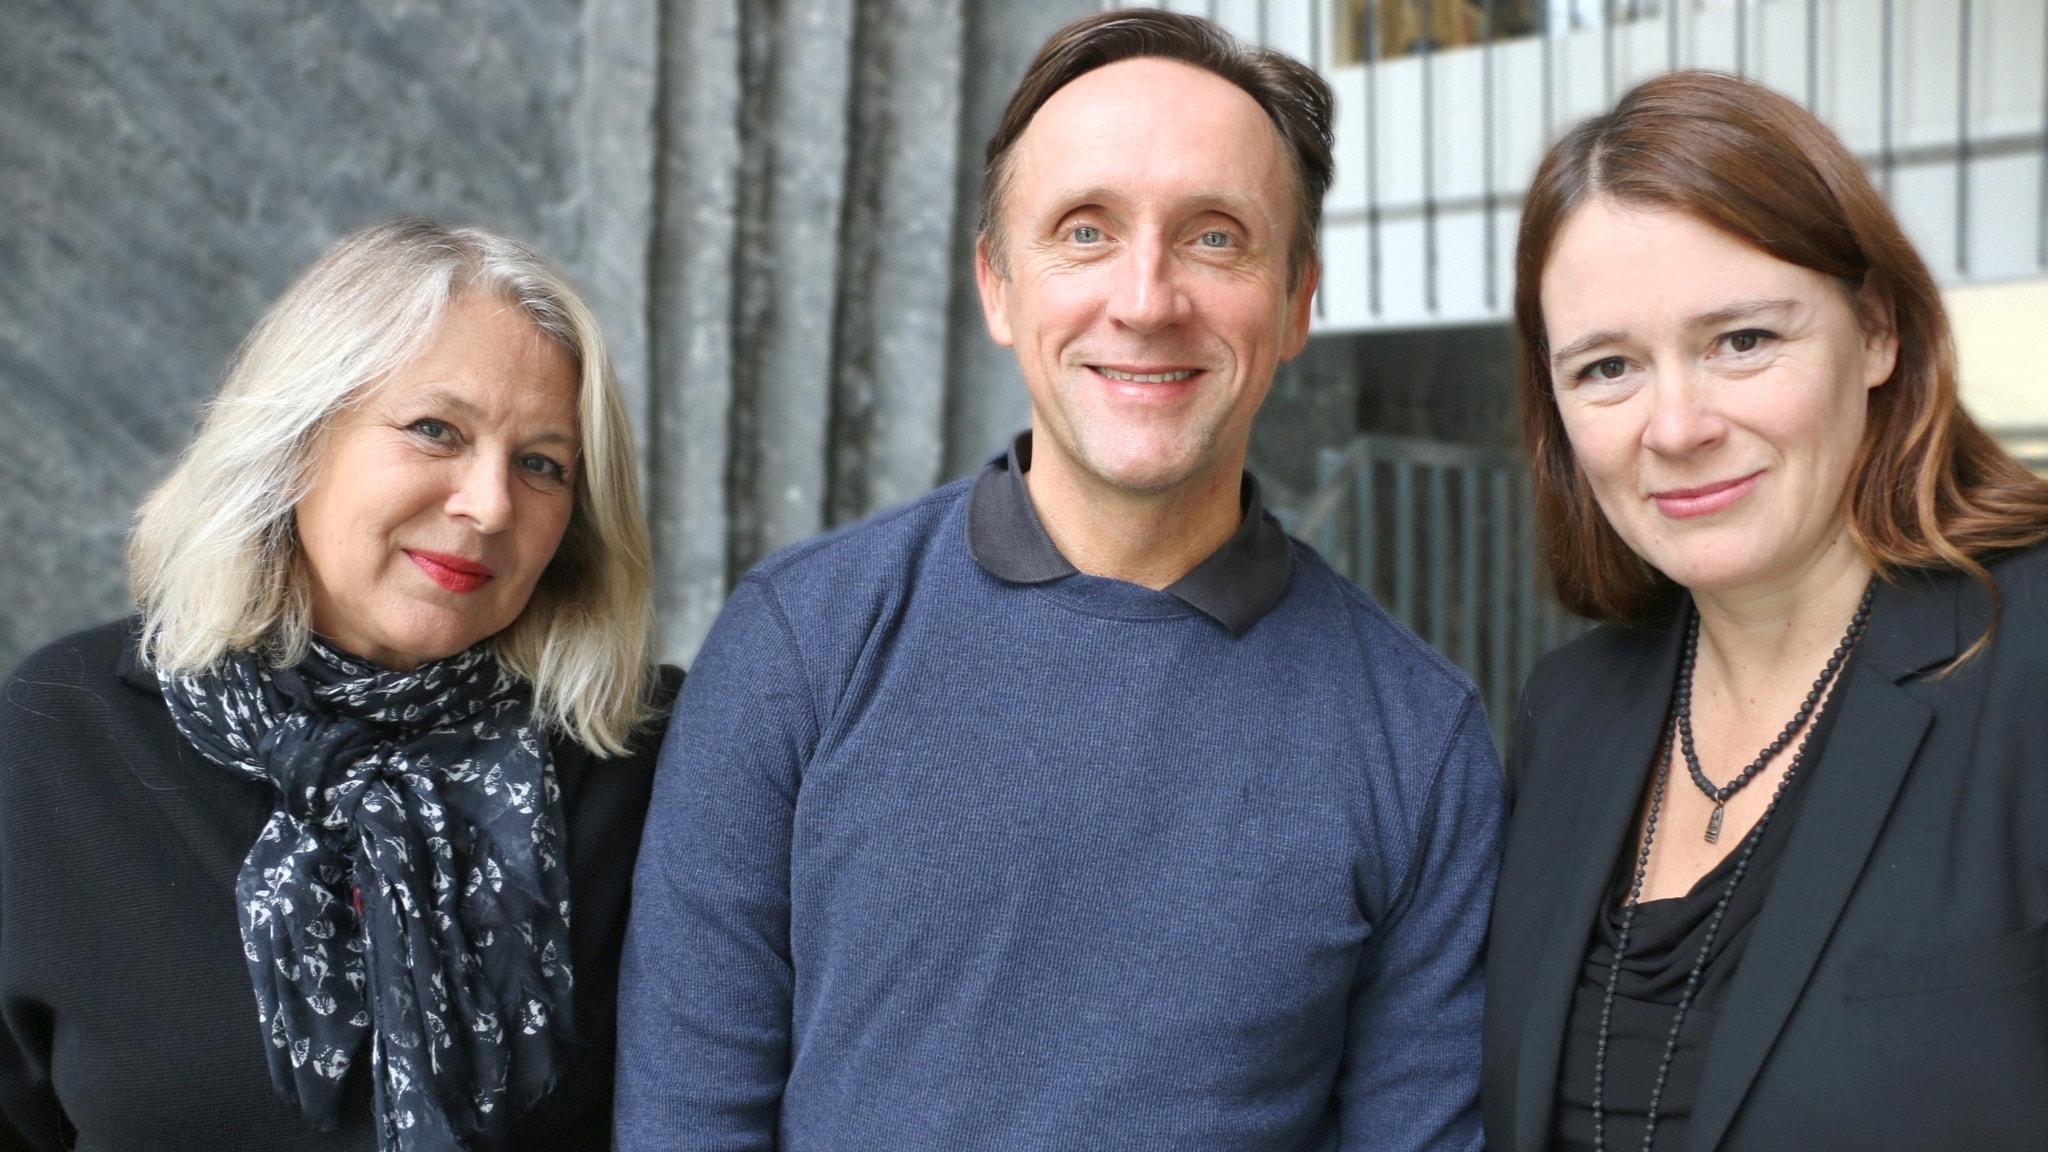 Helena von Zweigbergk, Göran Everdahl och Sofia Wadensjö Karén är veckans spanare.